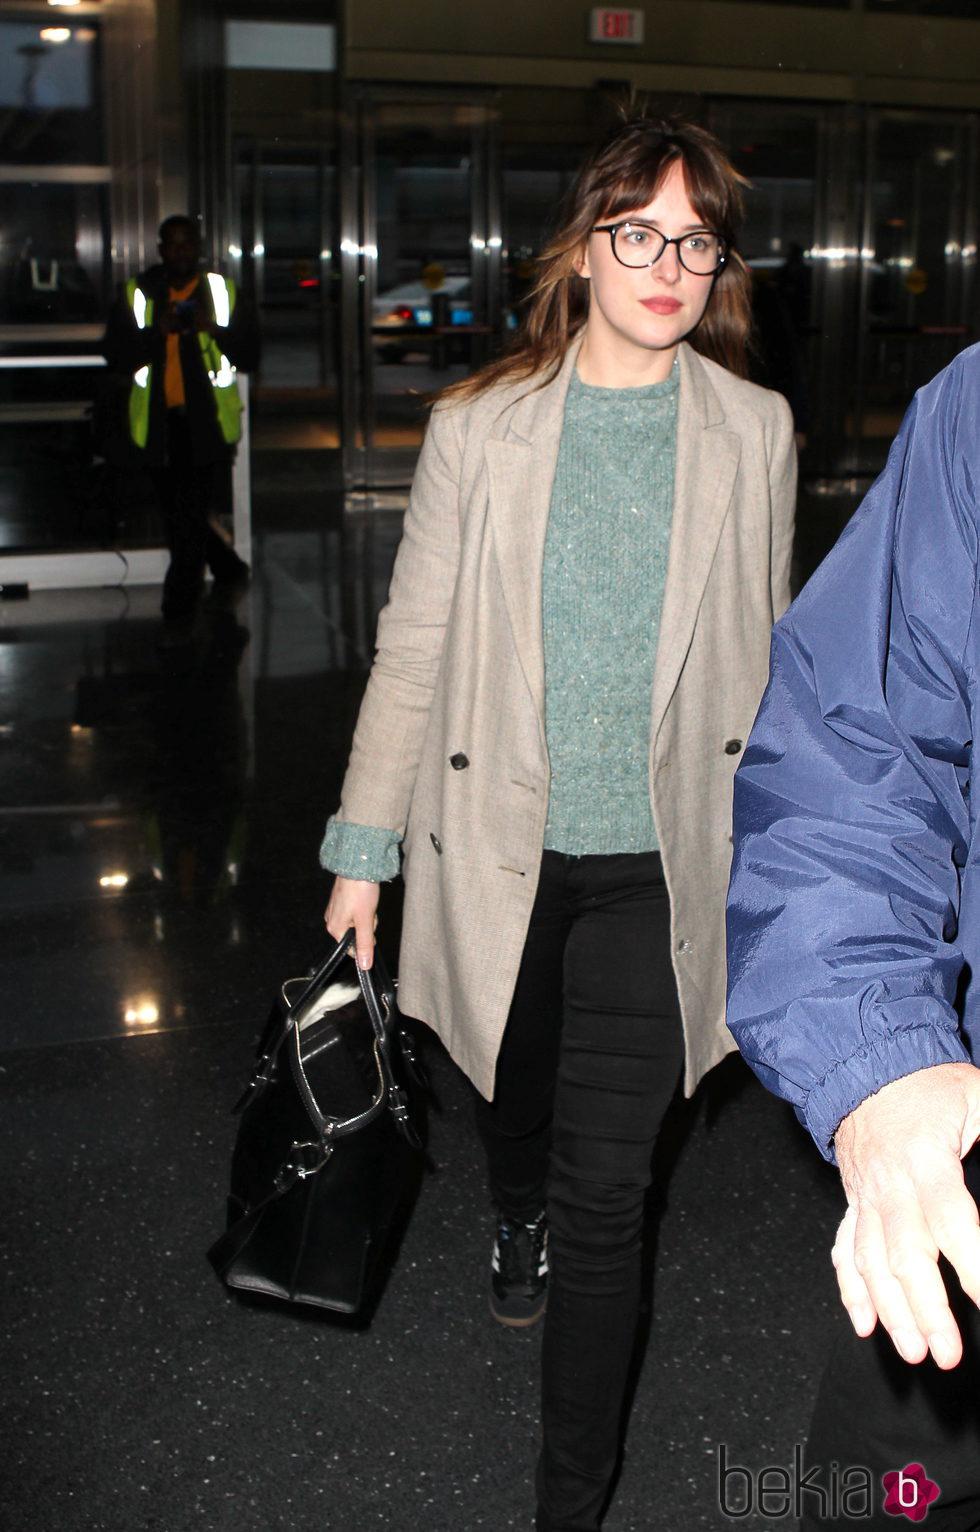 Dakota Johnson en el aeropuerto JFK de Nueva York